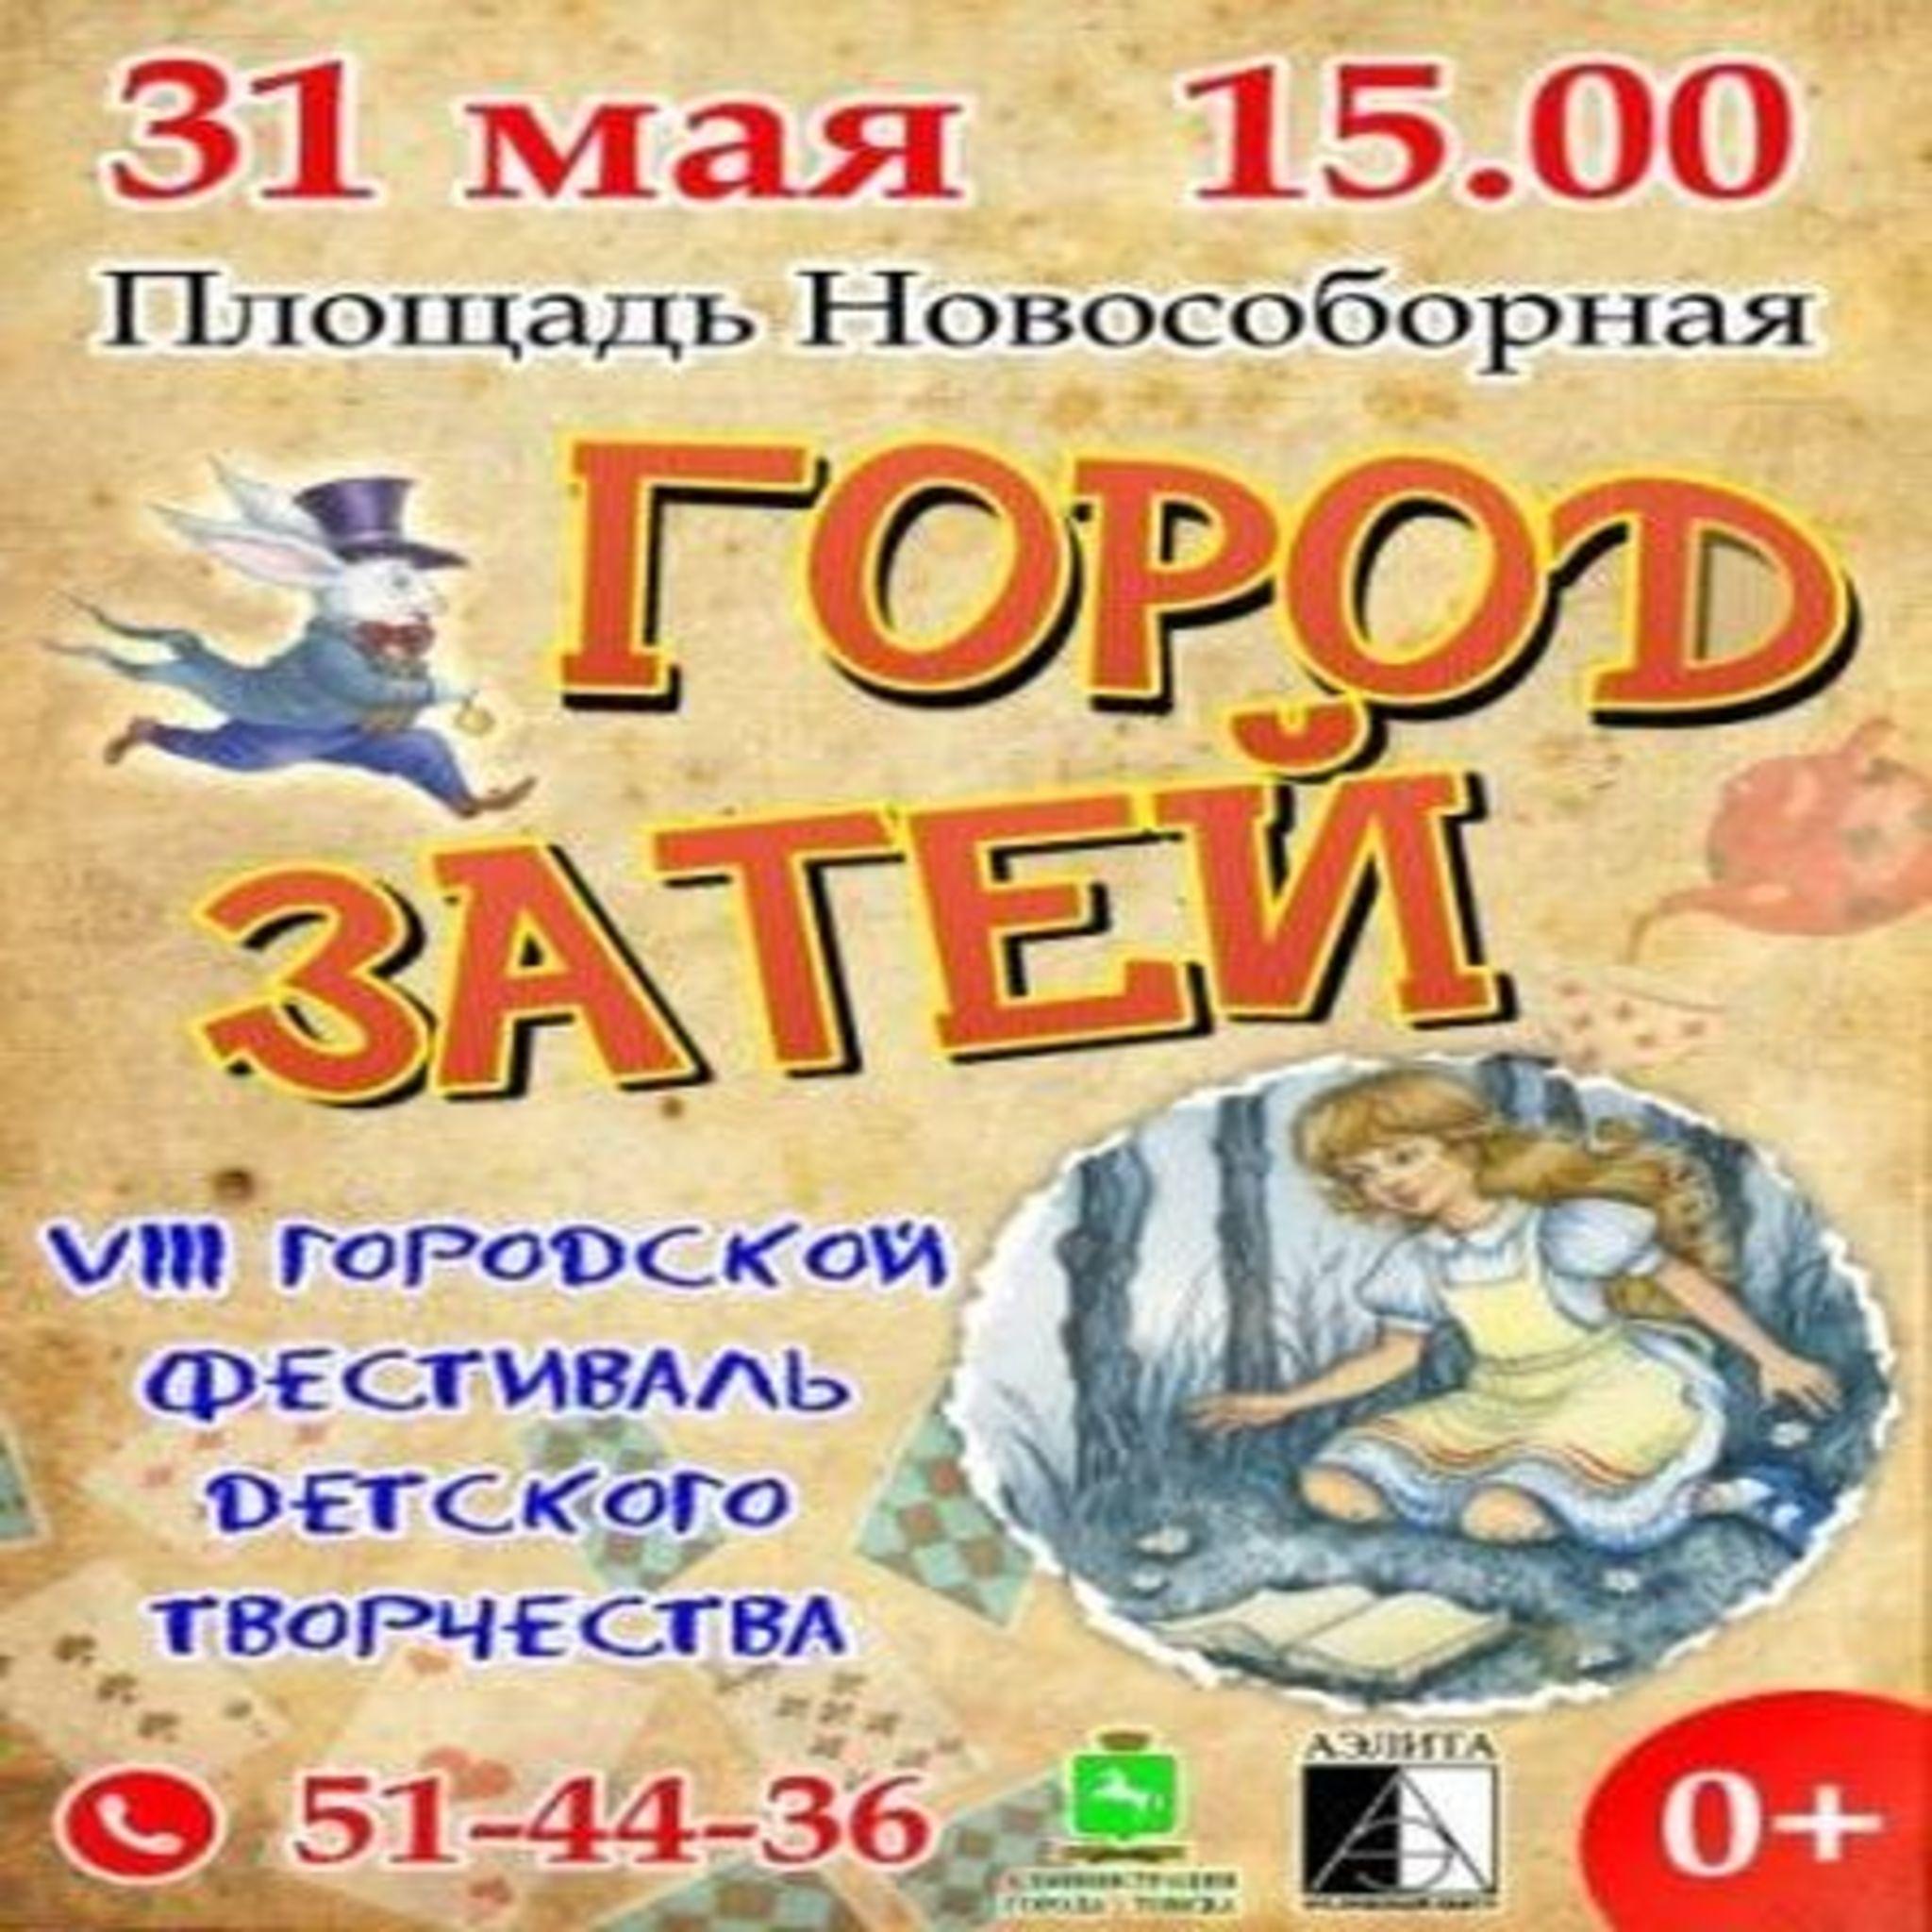 Фестиваль детского творчества «Город Затей»